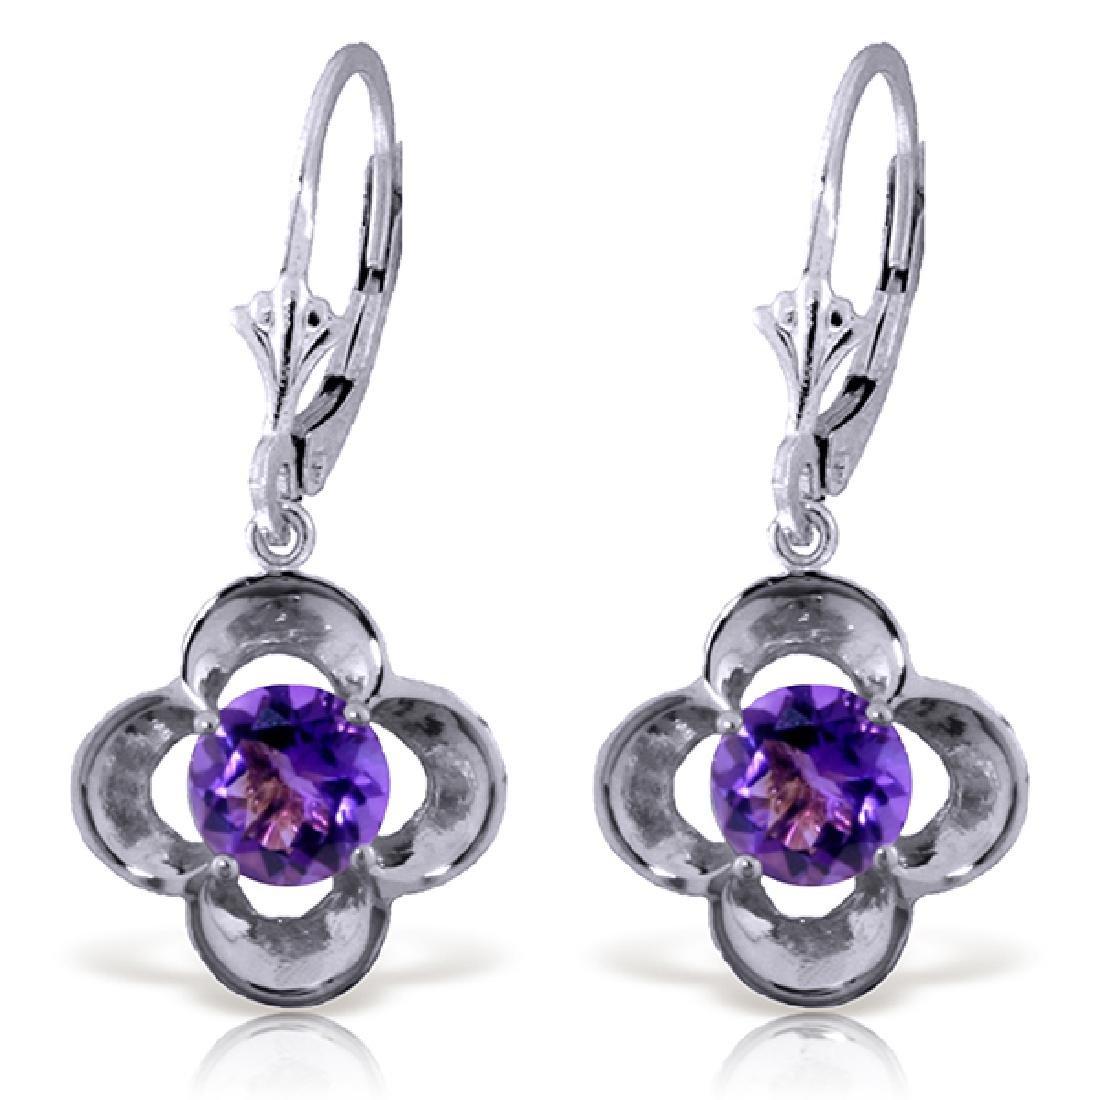 Genuine 1.10 ctw Amethyst Earrings Jewelry 14KT White